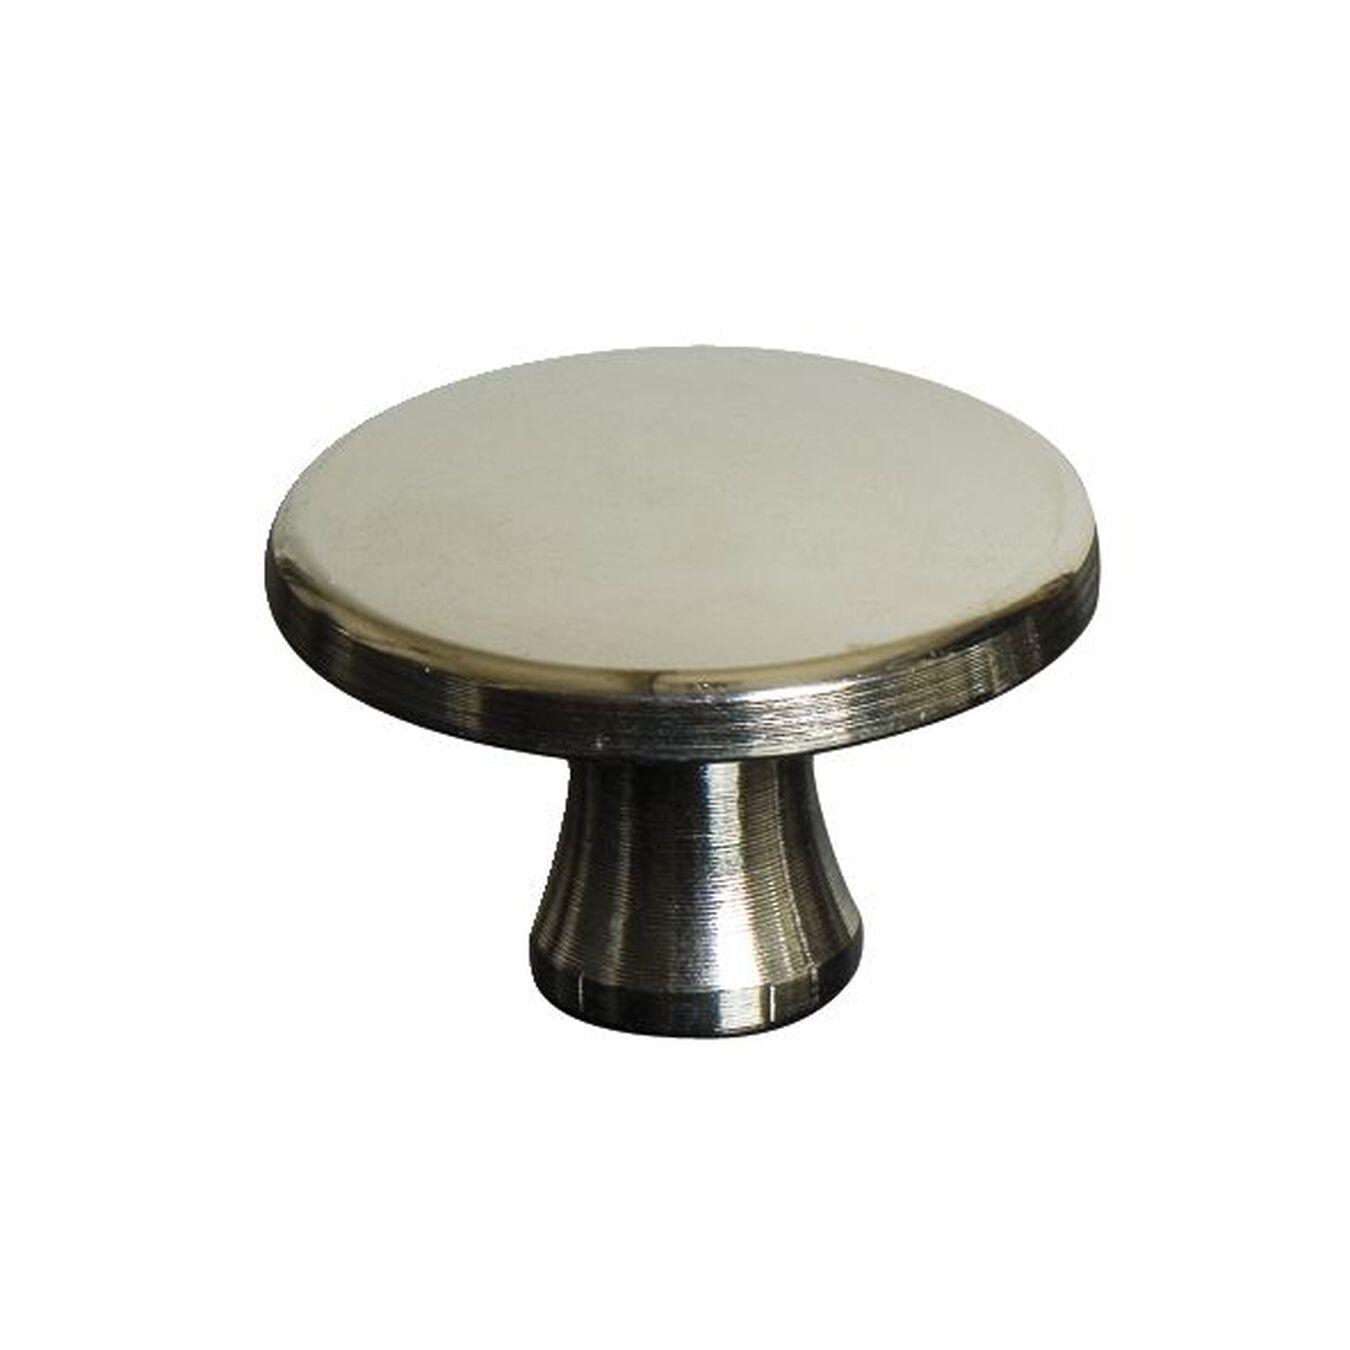 Puxador para caçarola em aço inox maciço 4 cm, Níquel,,large 1